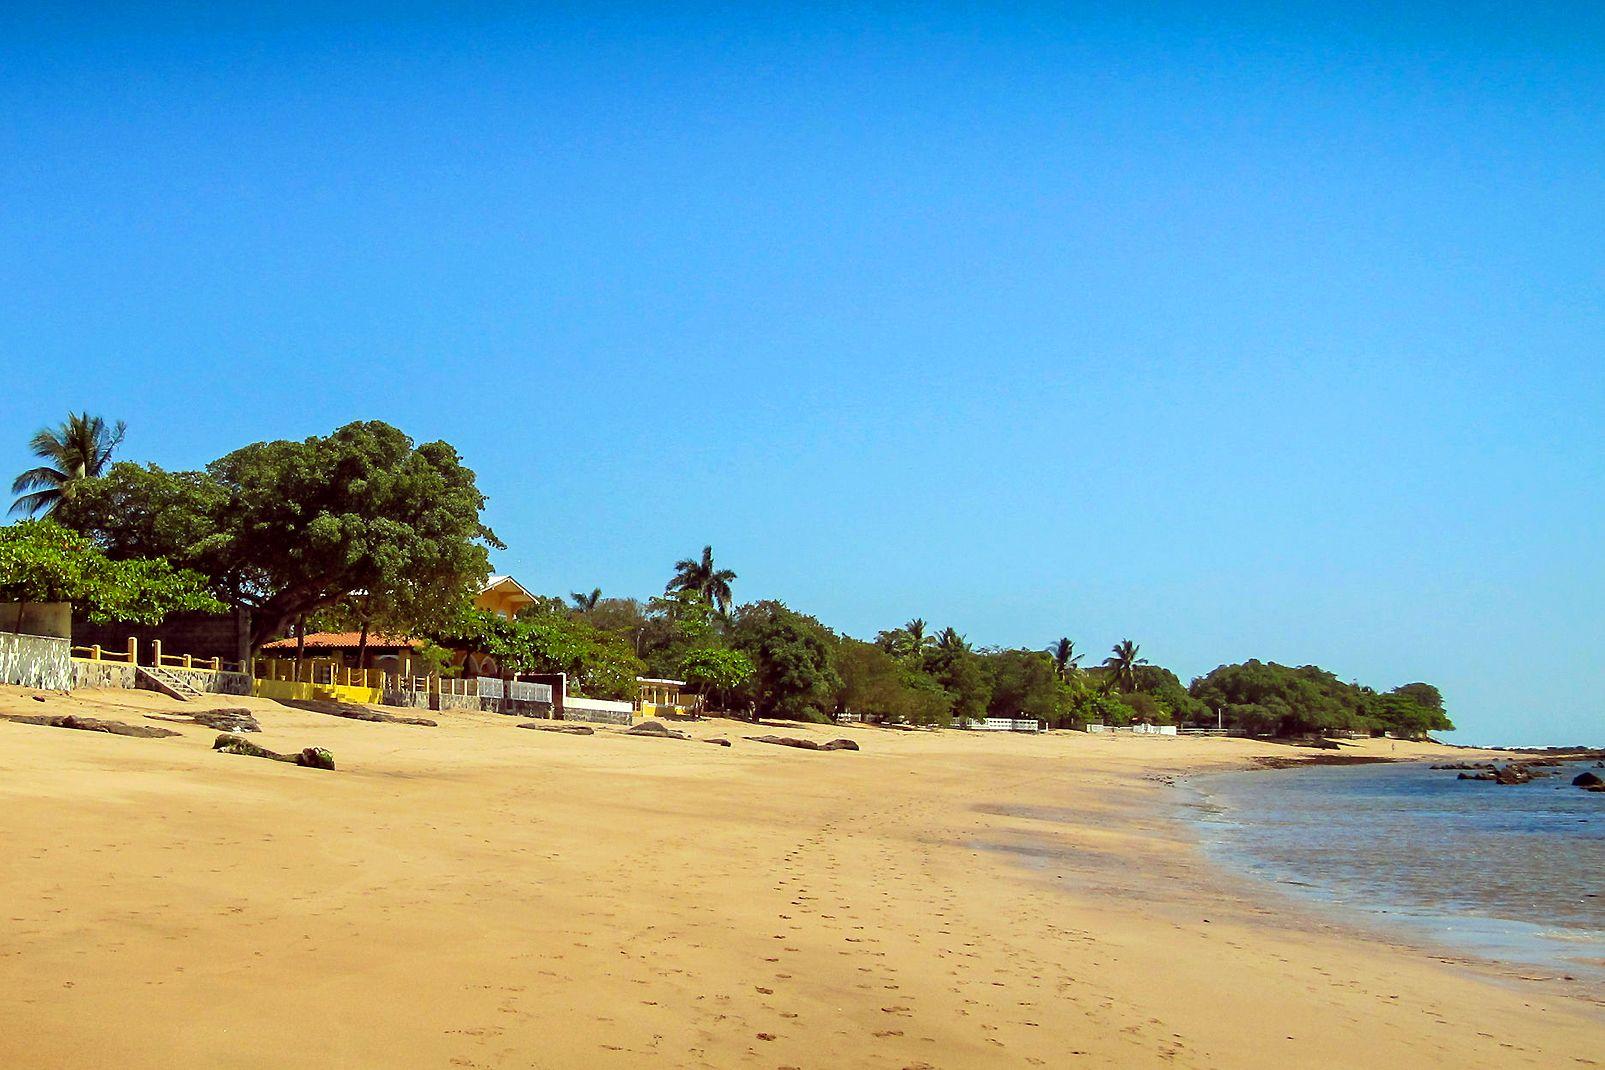 Amerique, sud, Salvador, pacifique, plage